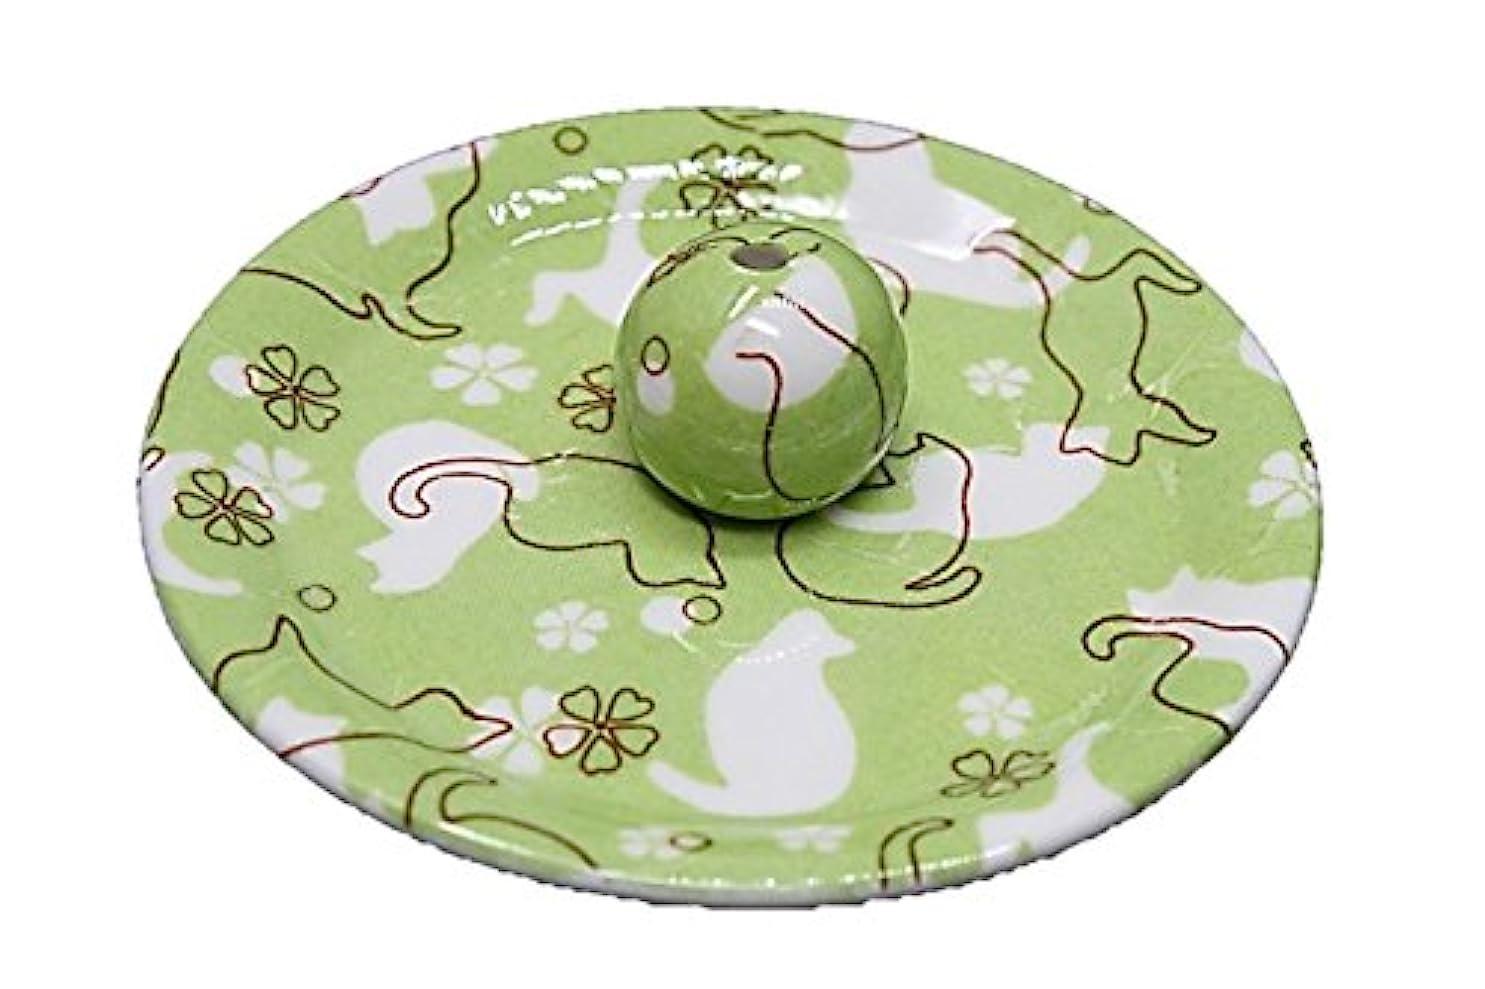 慣習スライスペルー9-47 ねこランド(グリーン) 9cm香皿 日本製 お香立て 陶器 猫柄